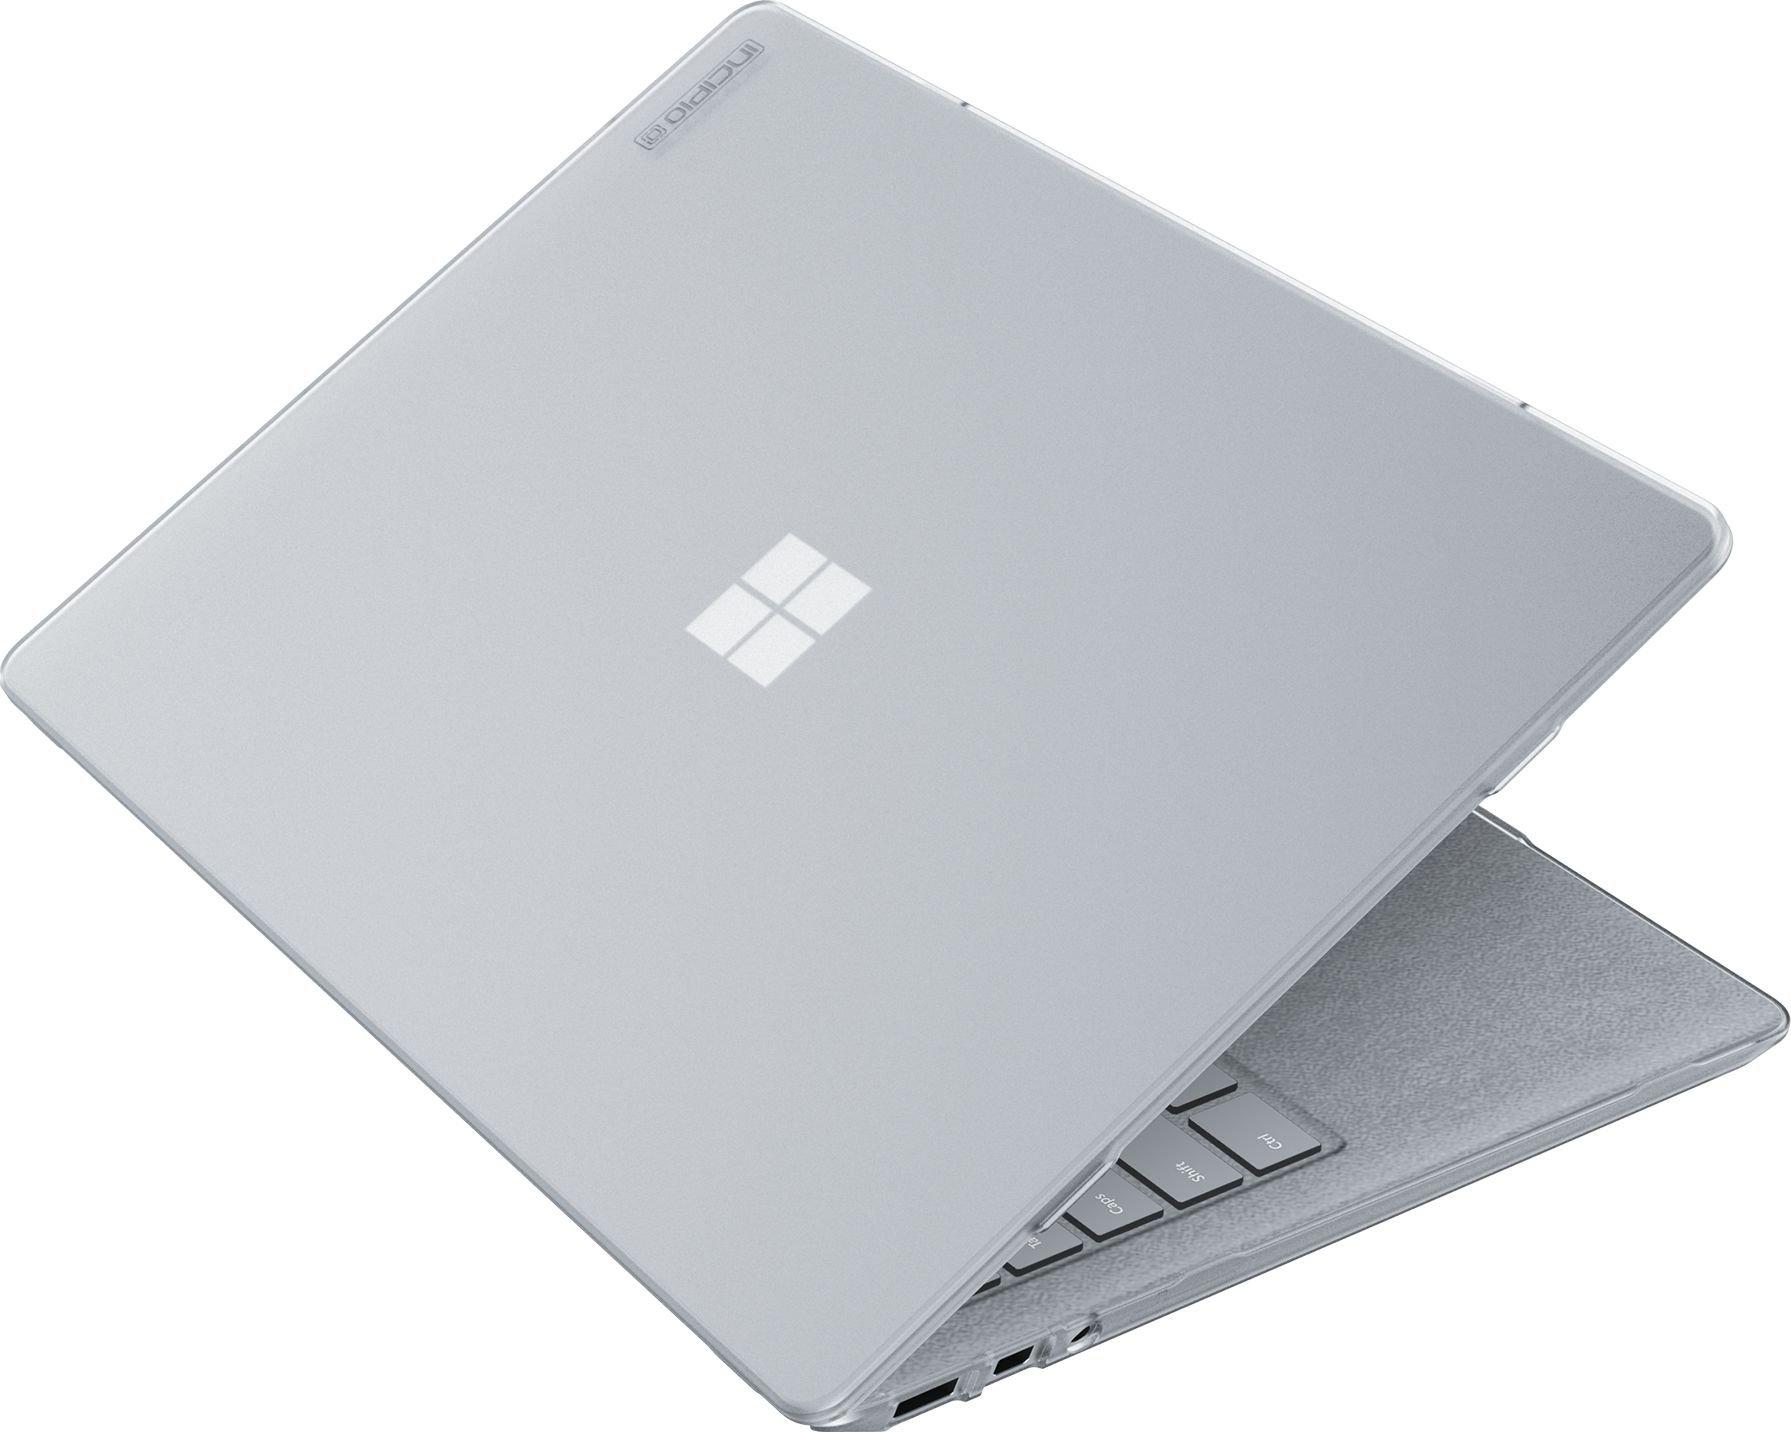 このMicrosoft SurfaceノートブックのIncipioシェルコンピューター - マイクロソフト認定[軽量&薄型滑り止めフットソフt  - タッチコーティング]  - 透明0